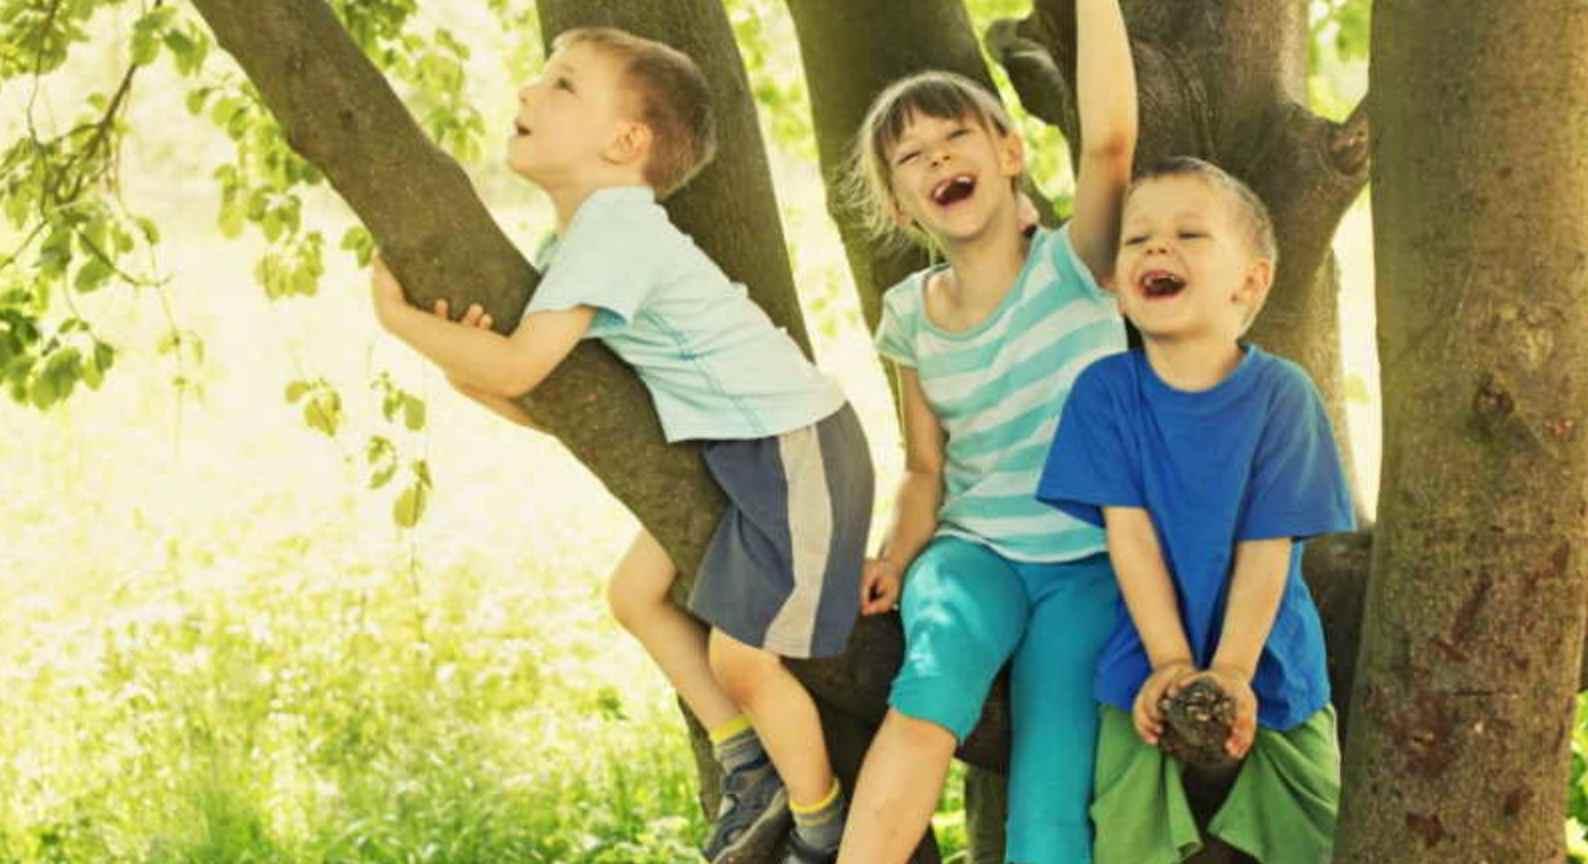 Anak Berhak Mendapatkan Kebahagiaan